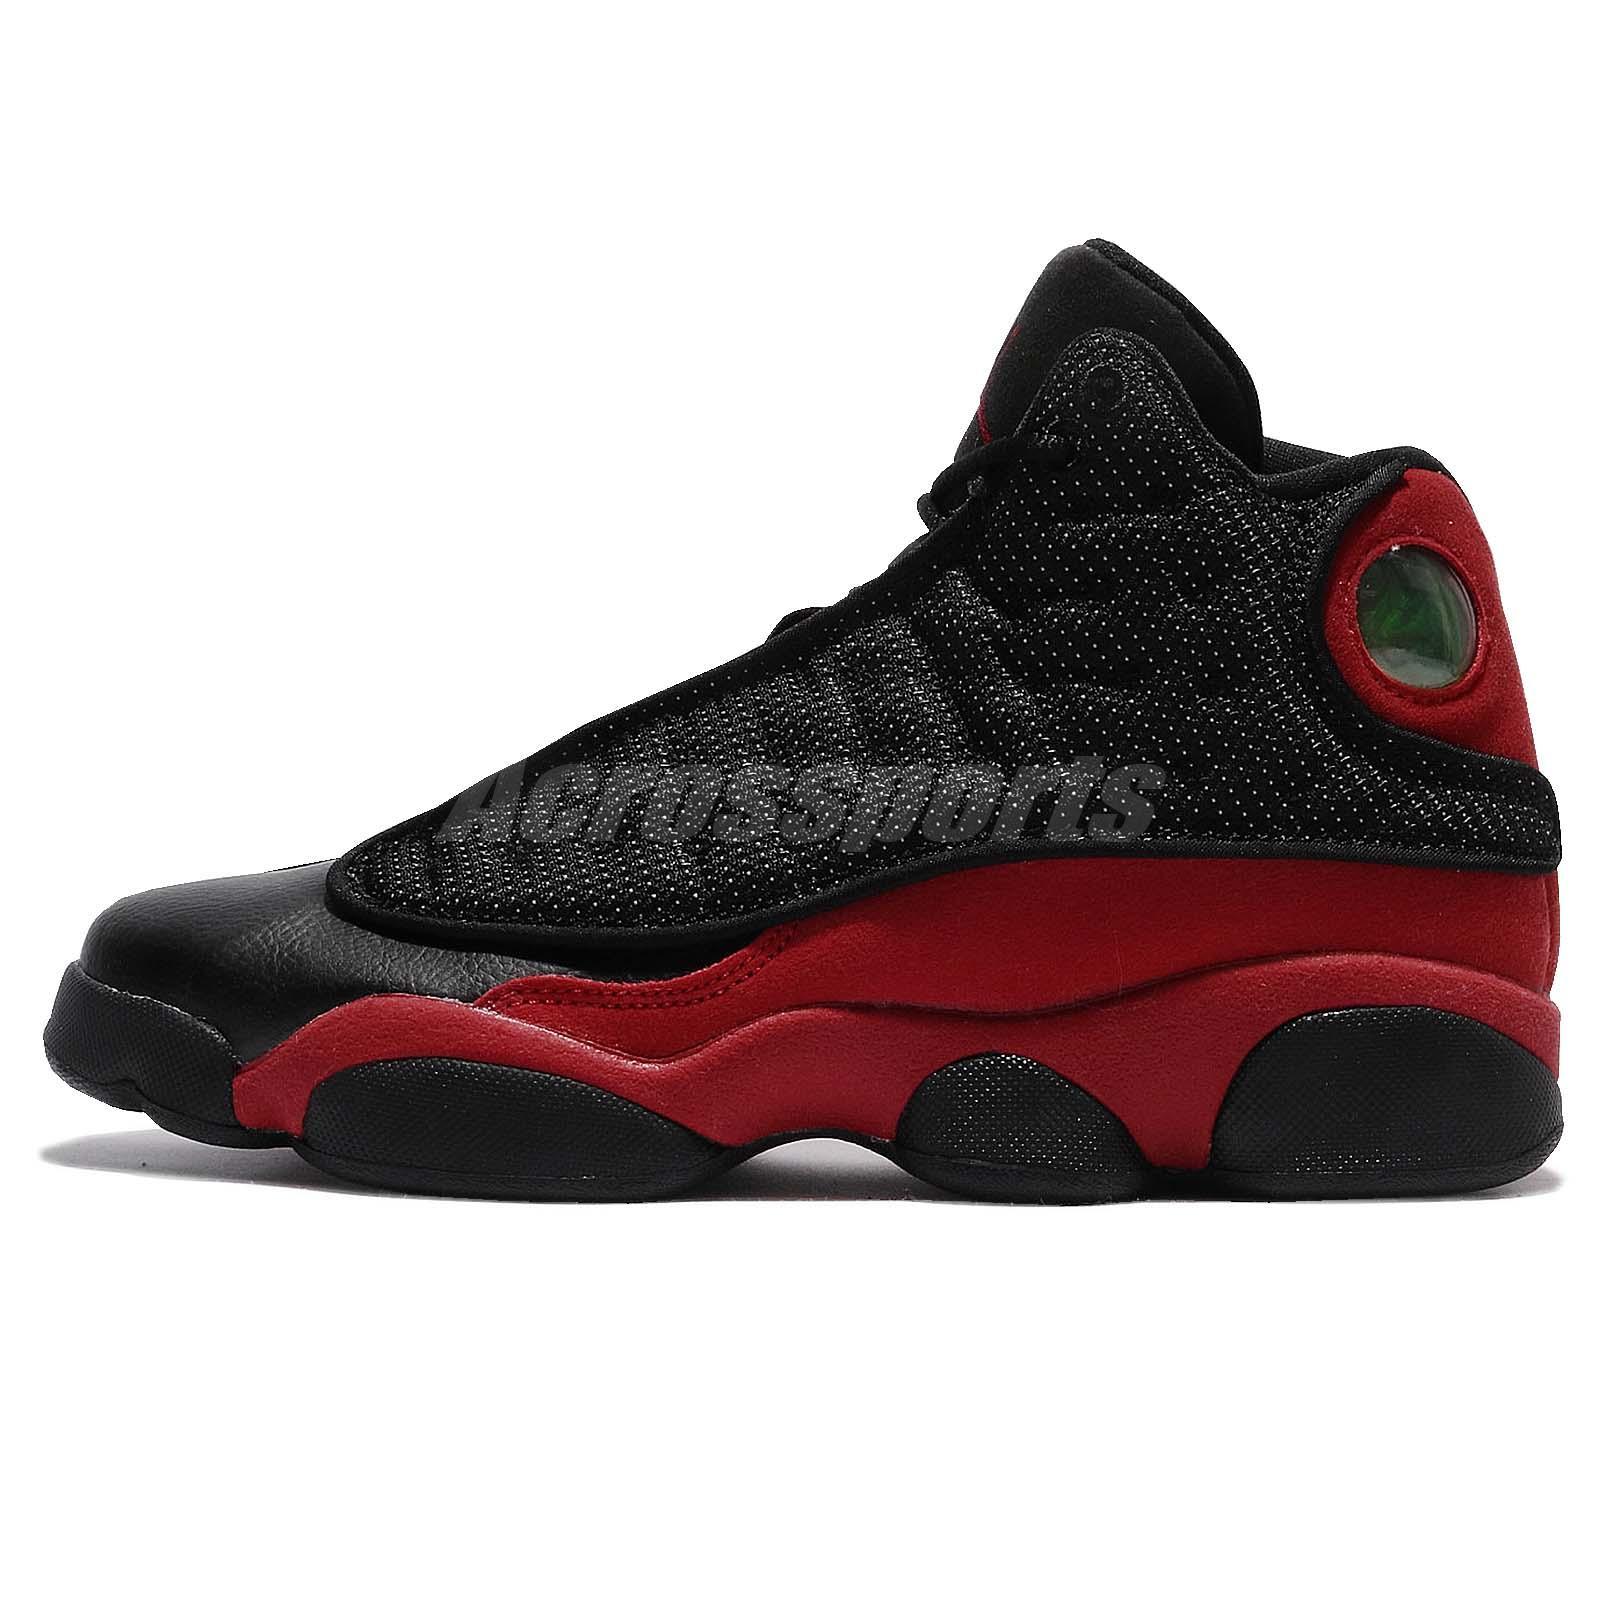 e0294d639b39 Nike Air Jordan 13 XIII Retro BG GS OG Bred Black Red AJ13 Kid Women  414574-004